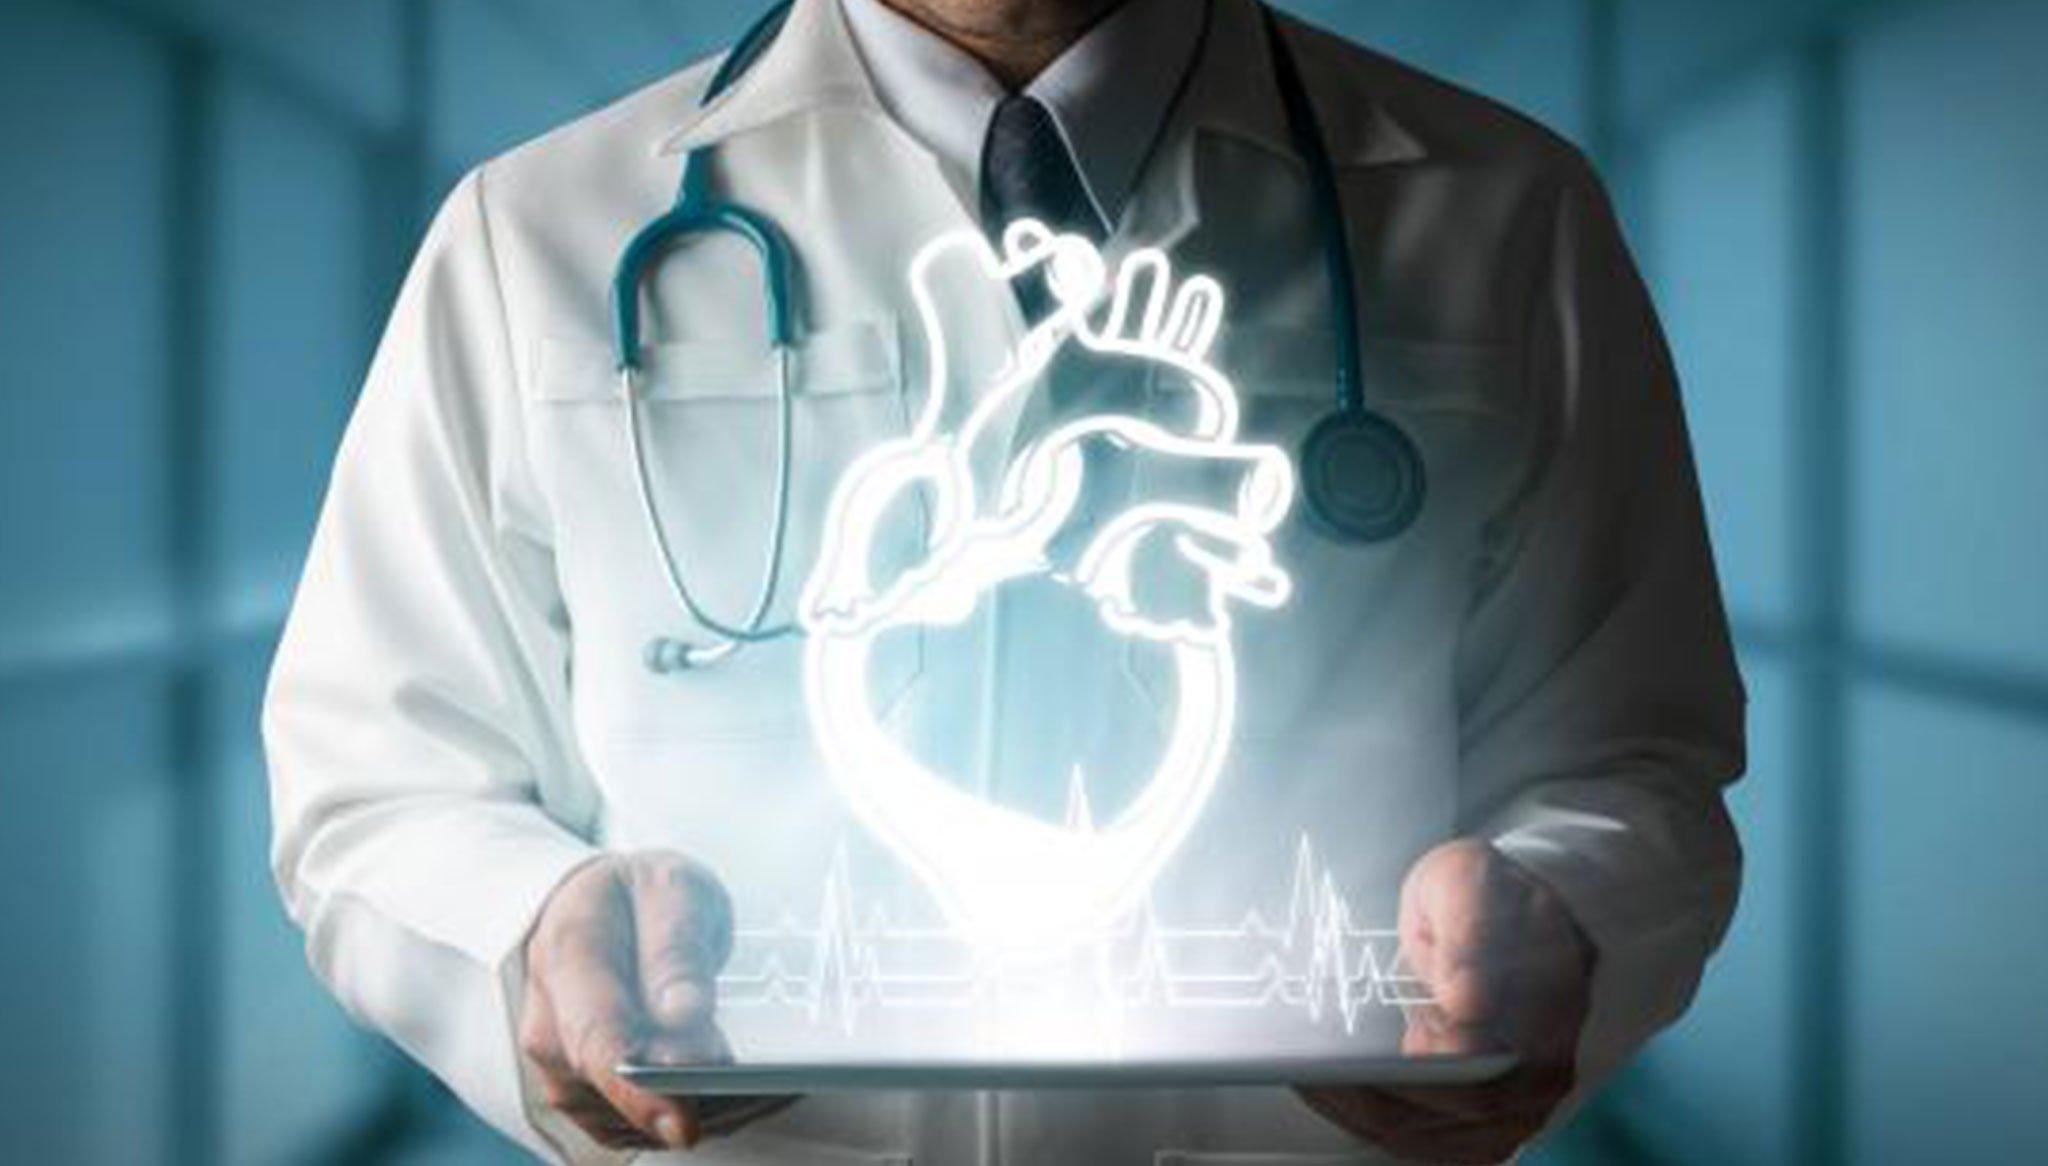 Cuidando el motor de tu cuerpo, prevención cardíaca en Policlínica Glorieta